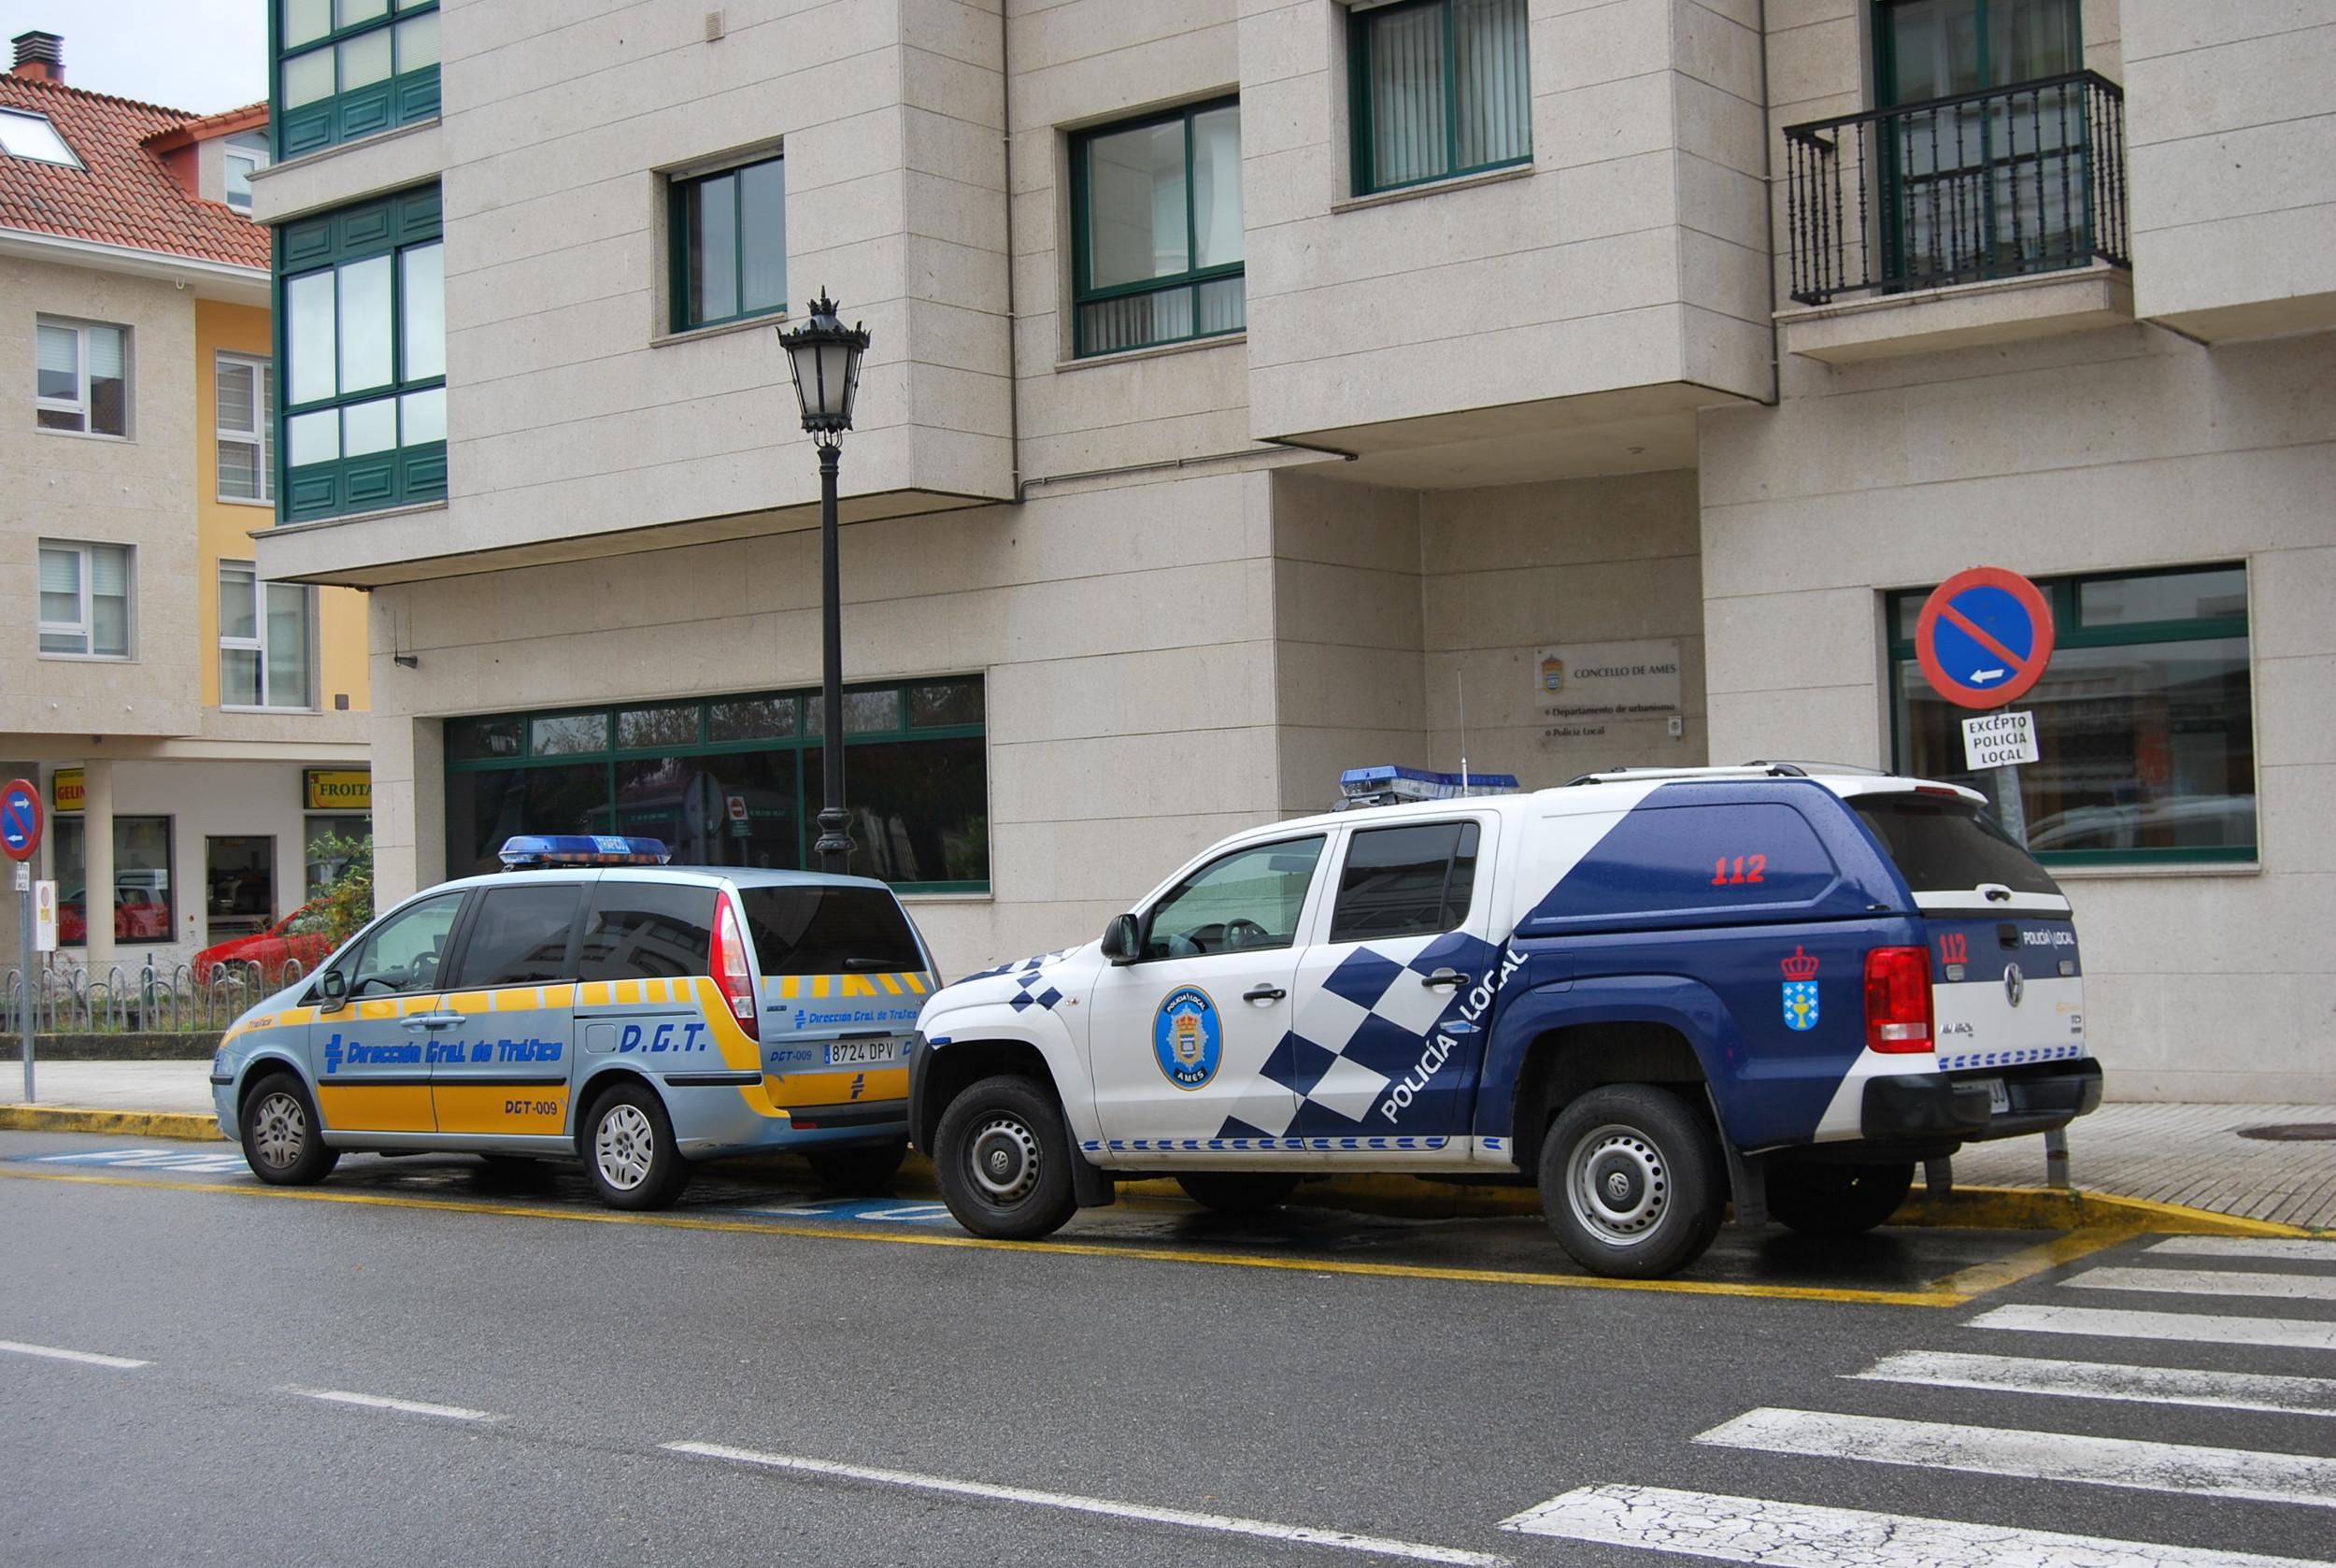 Imaxe da entrada á oficina da Policía Local de Ames, situada na rúa Alcalde Lorenzo, en Bertamiráns